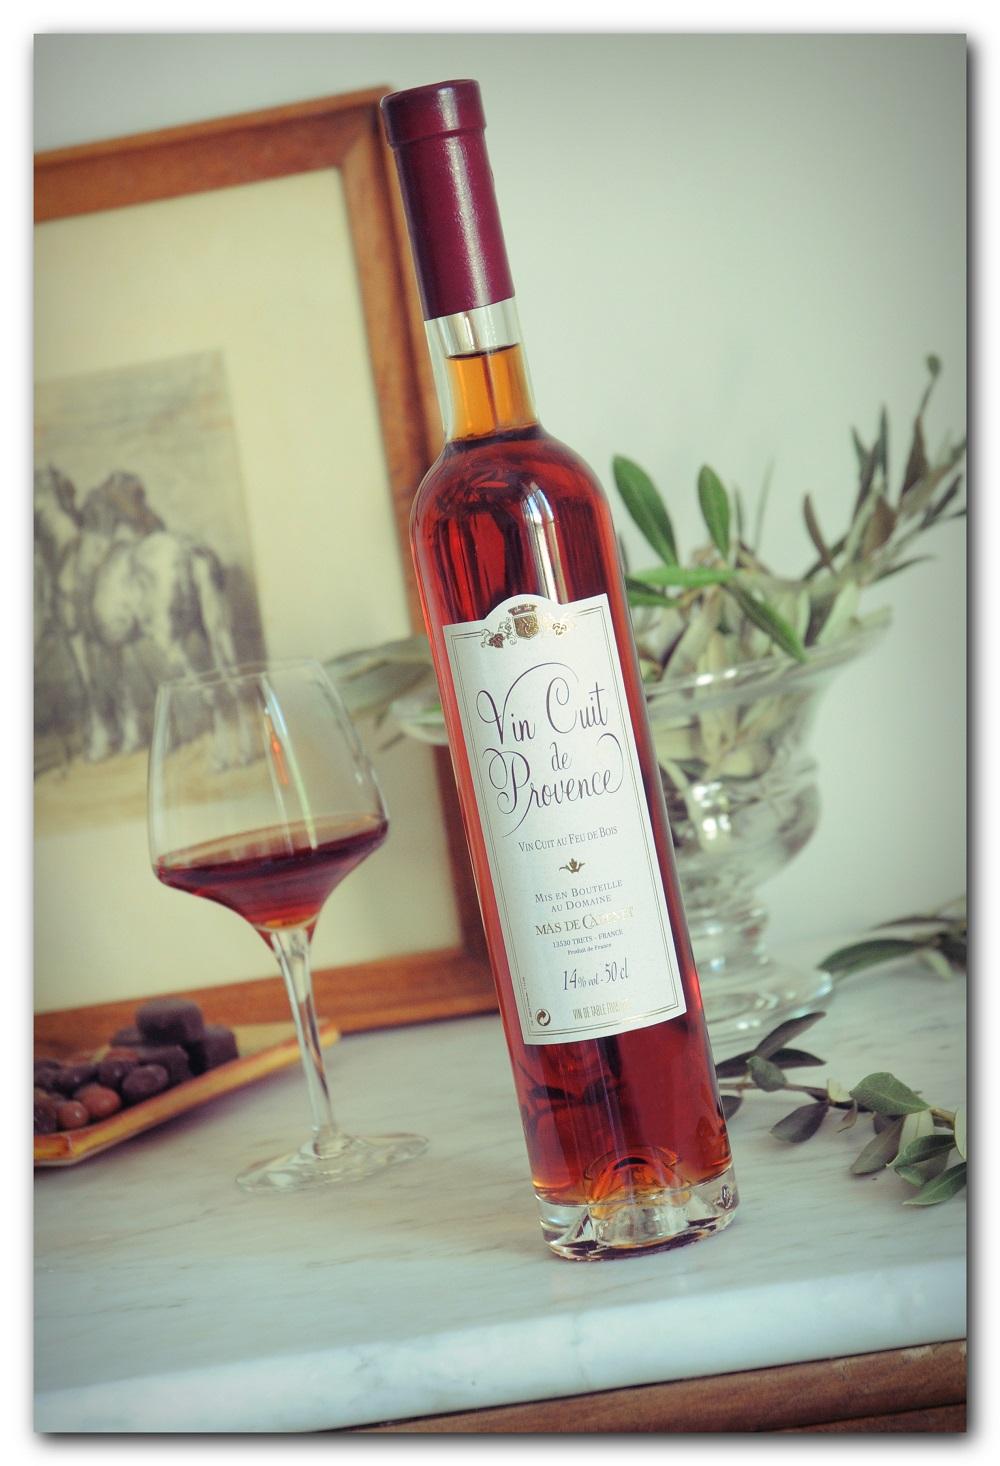 vin cuit de Provence